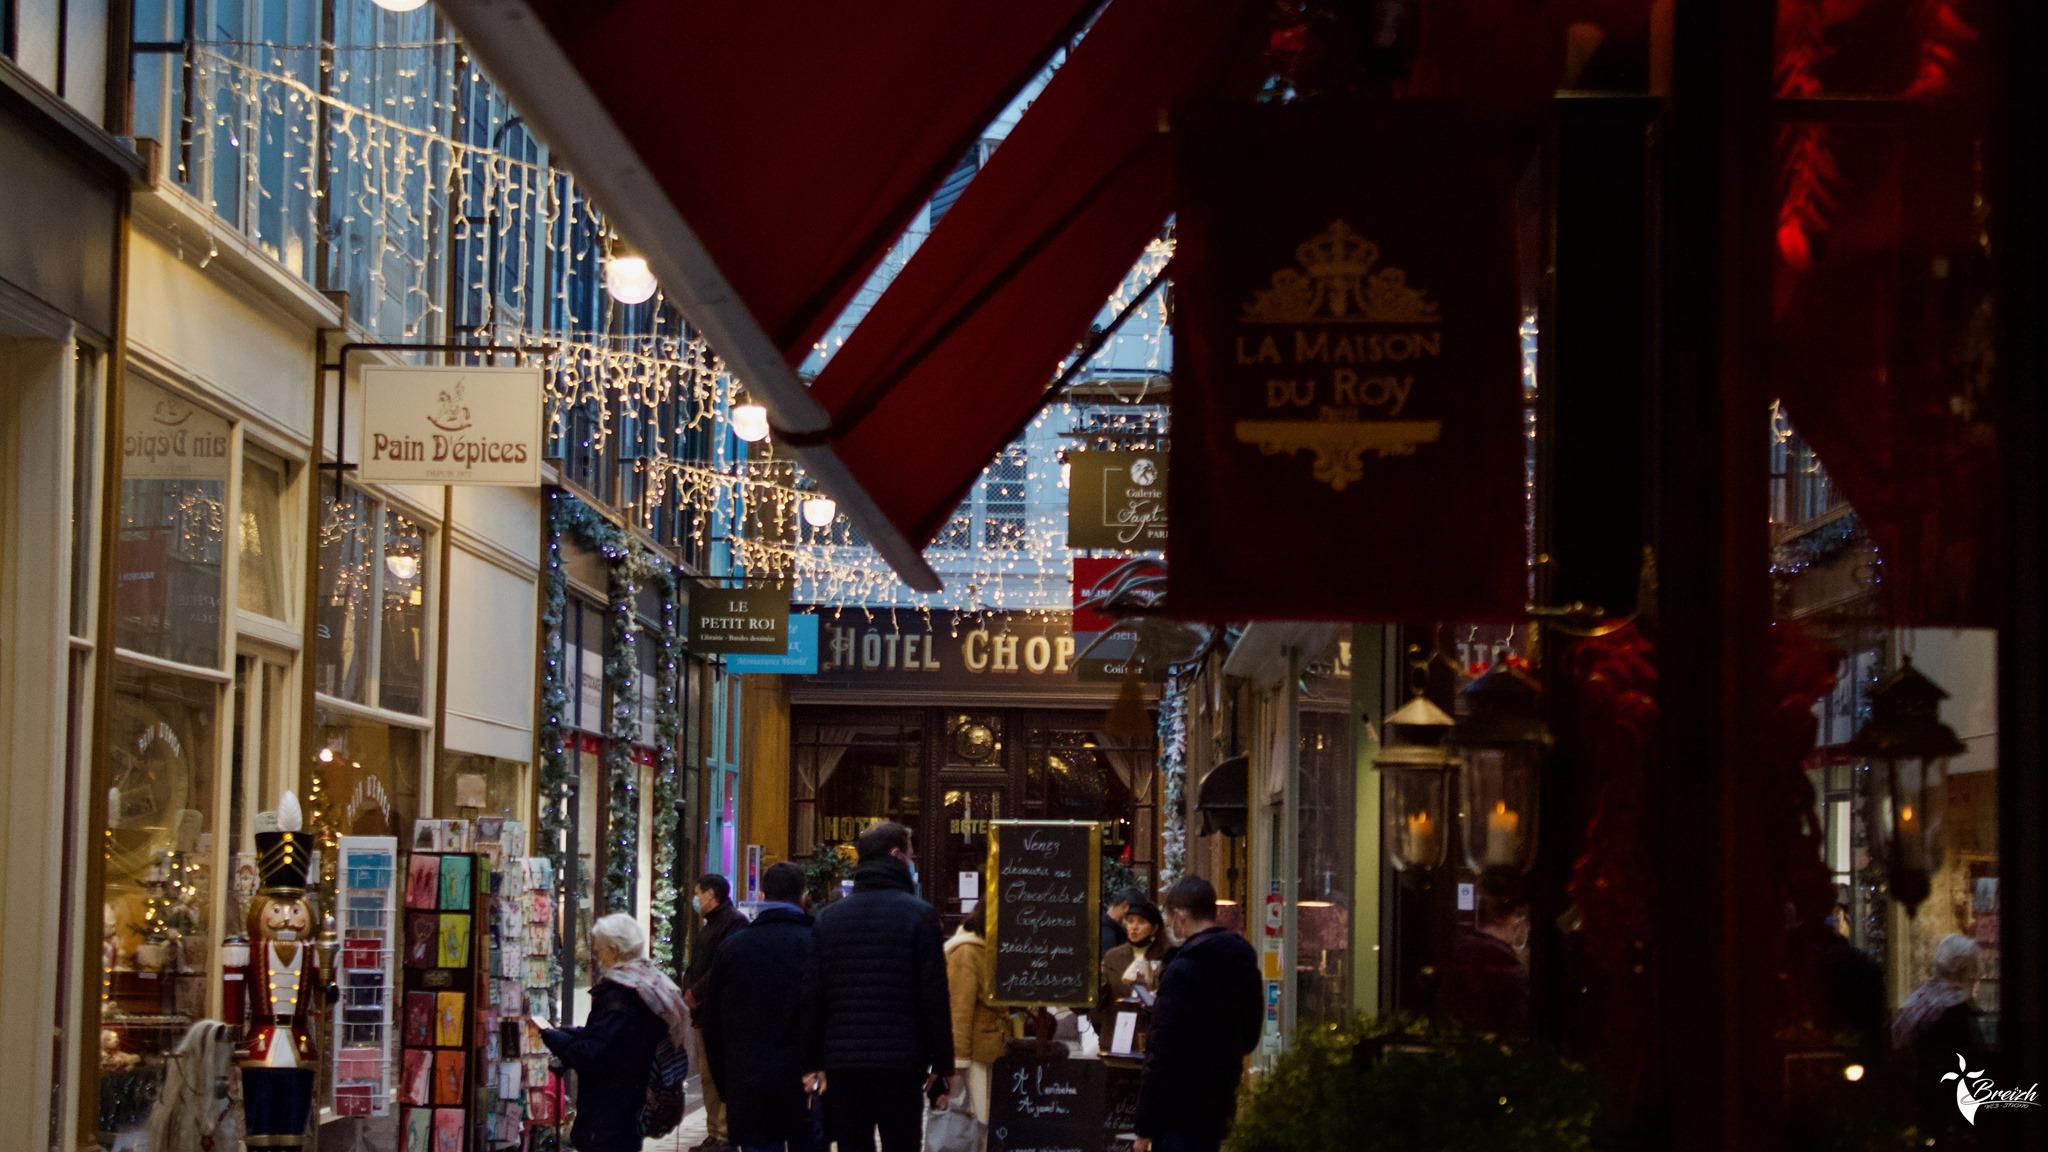 Passage Parisien by La Photo de Jaz